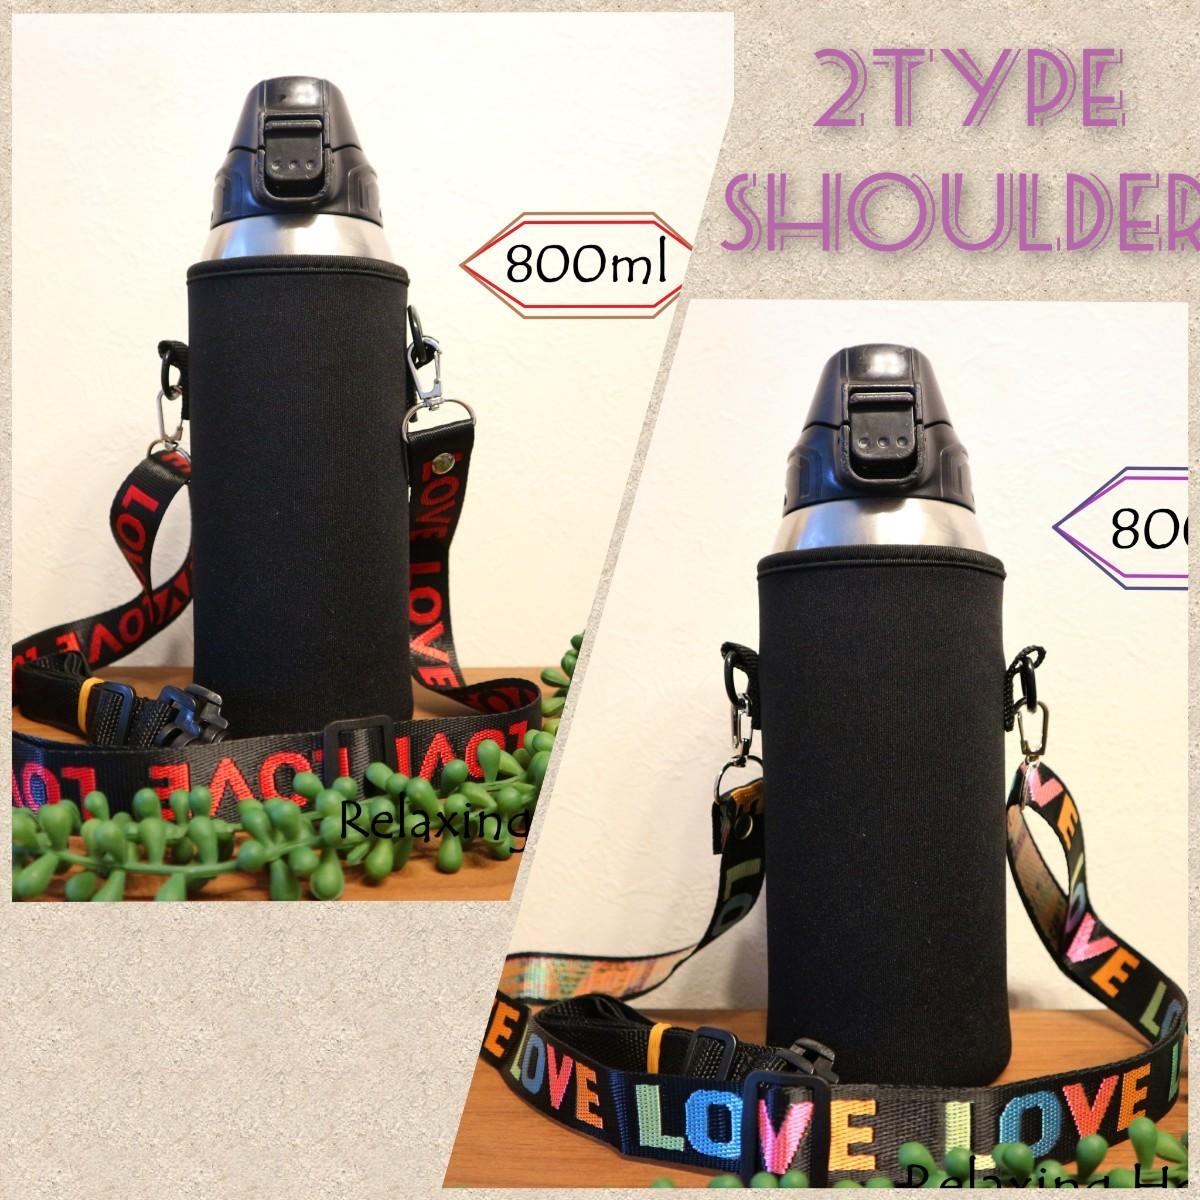 ★水筒カバー★800mlショルダー付 水筒ケース ボトルカバー 黒色LOVE